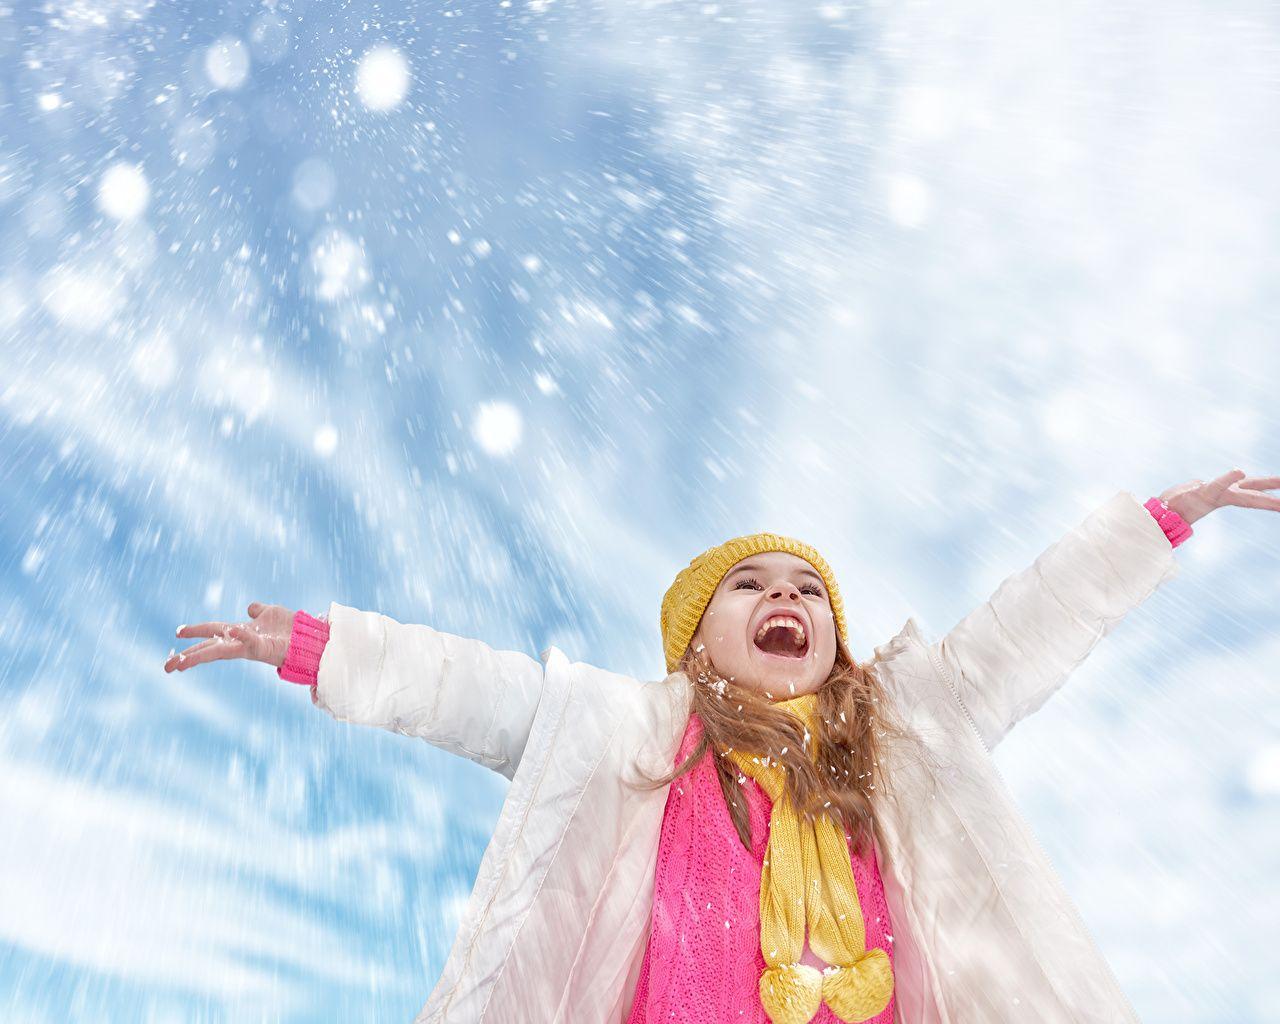 признаками современного картинки счастье снег что они